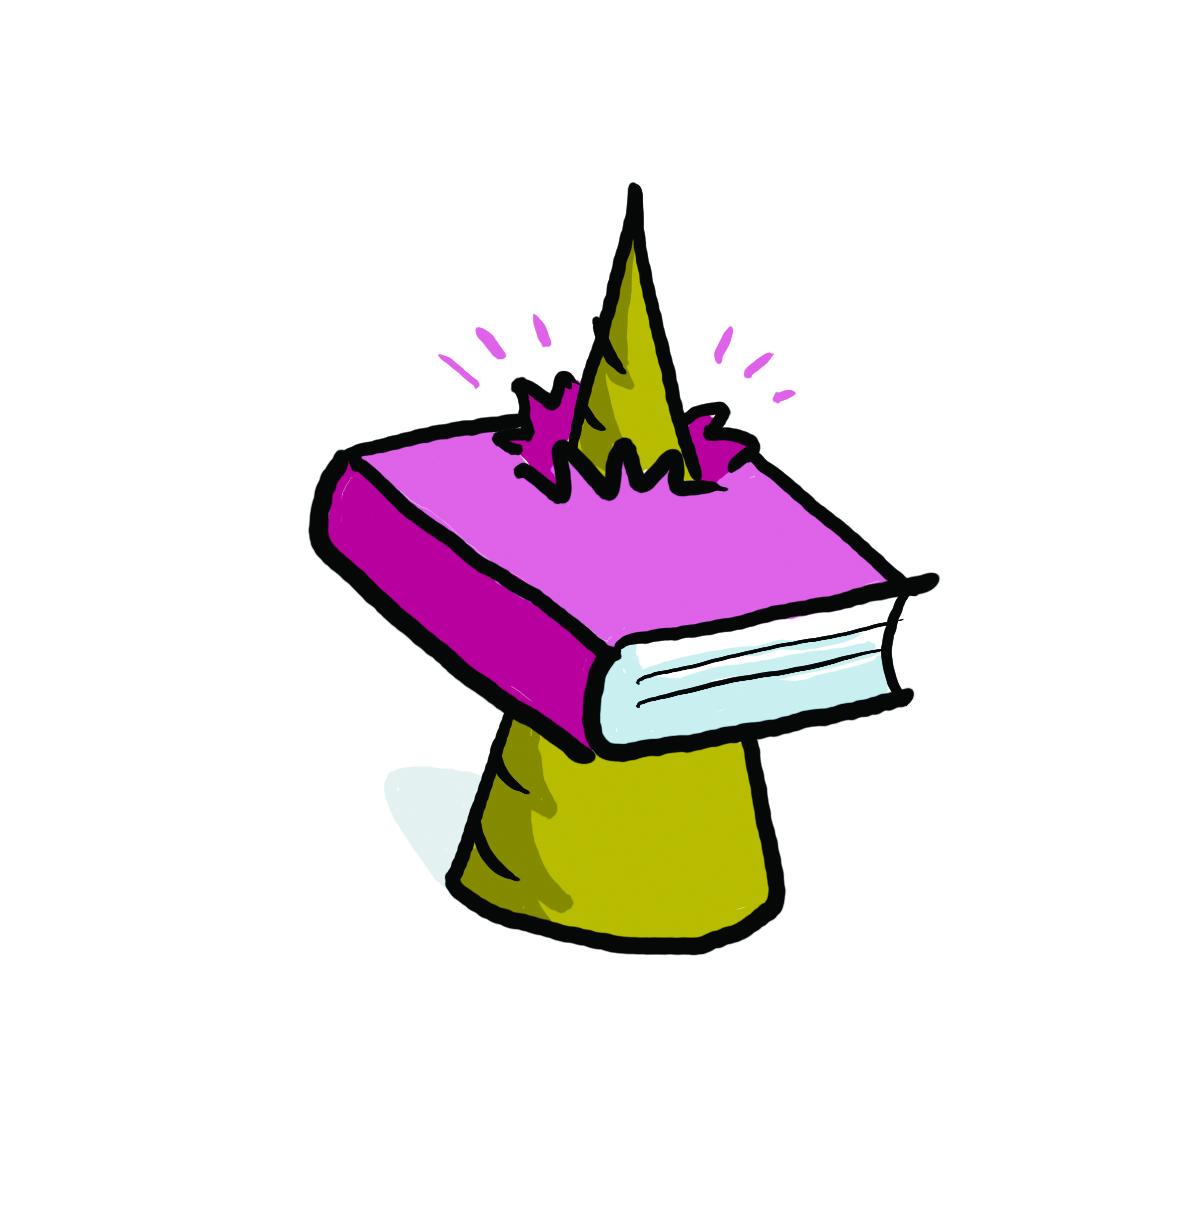 horn-piercing-book.jpg